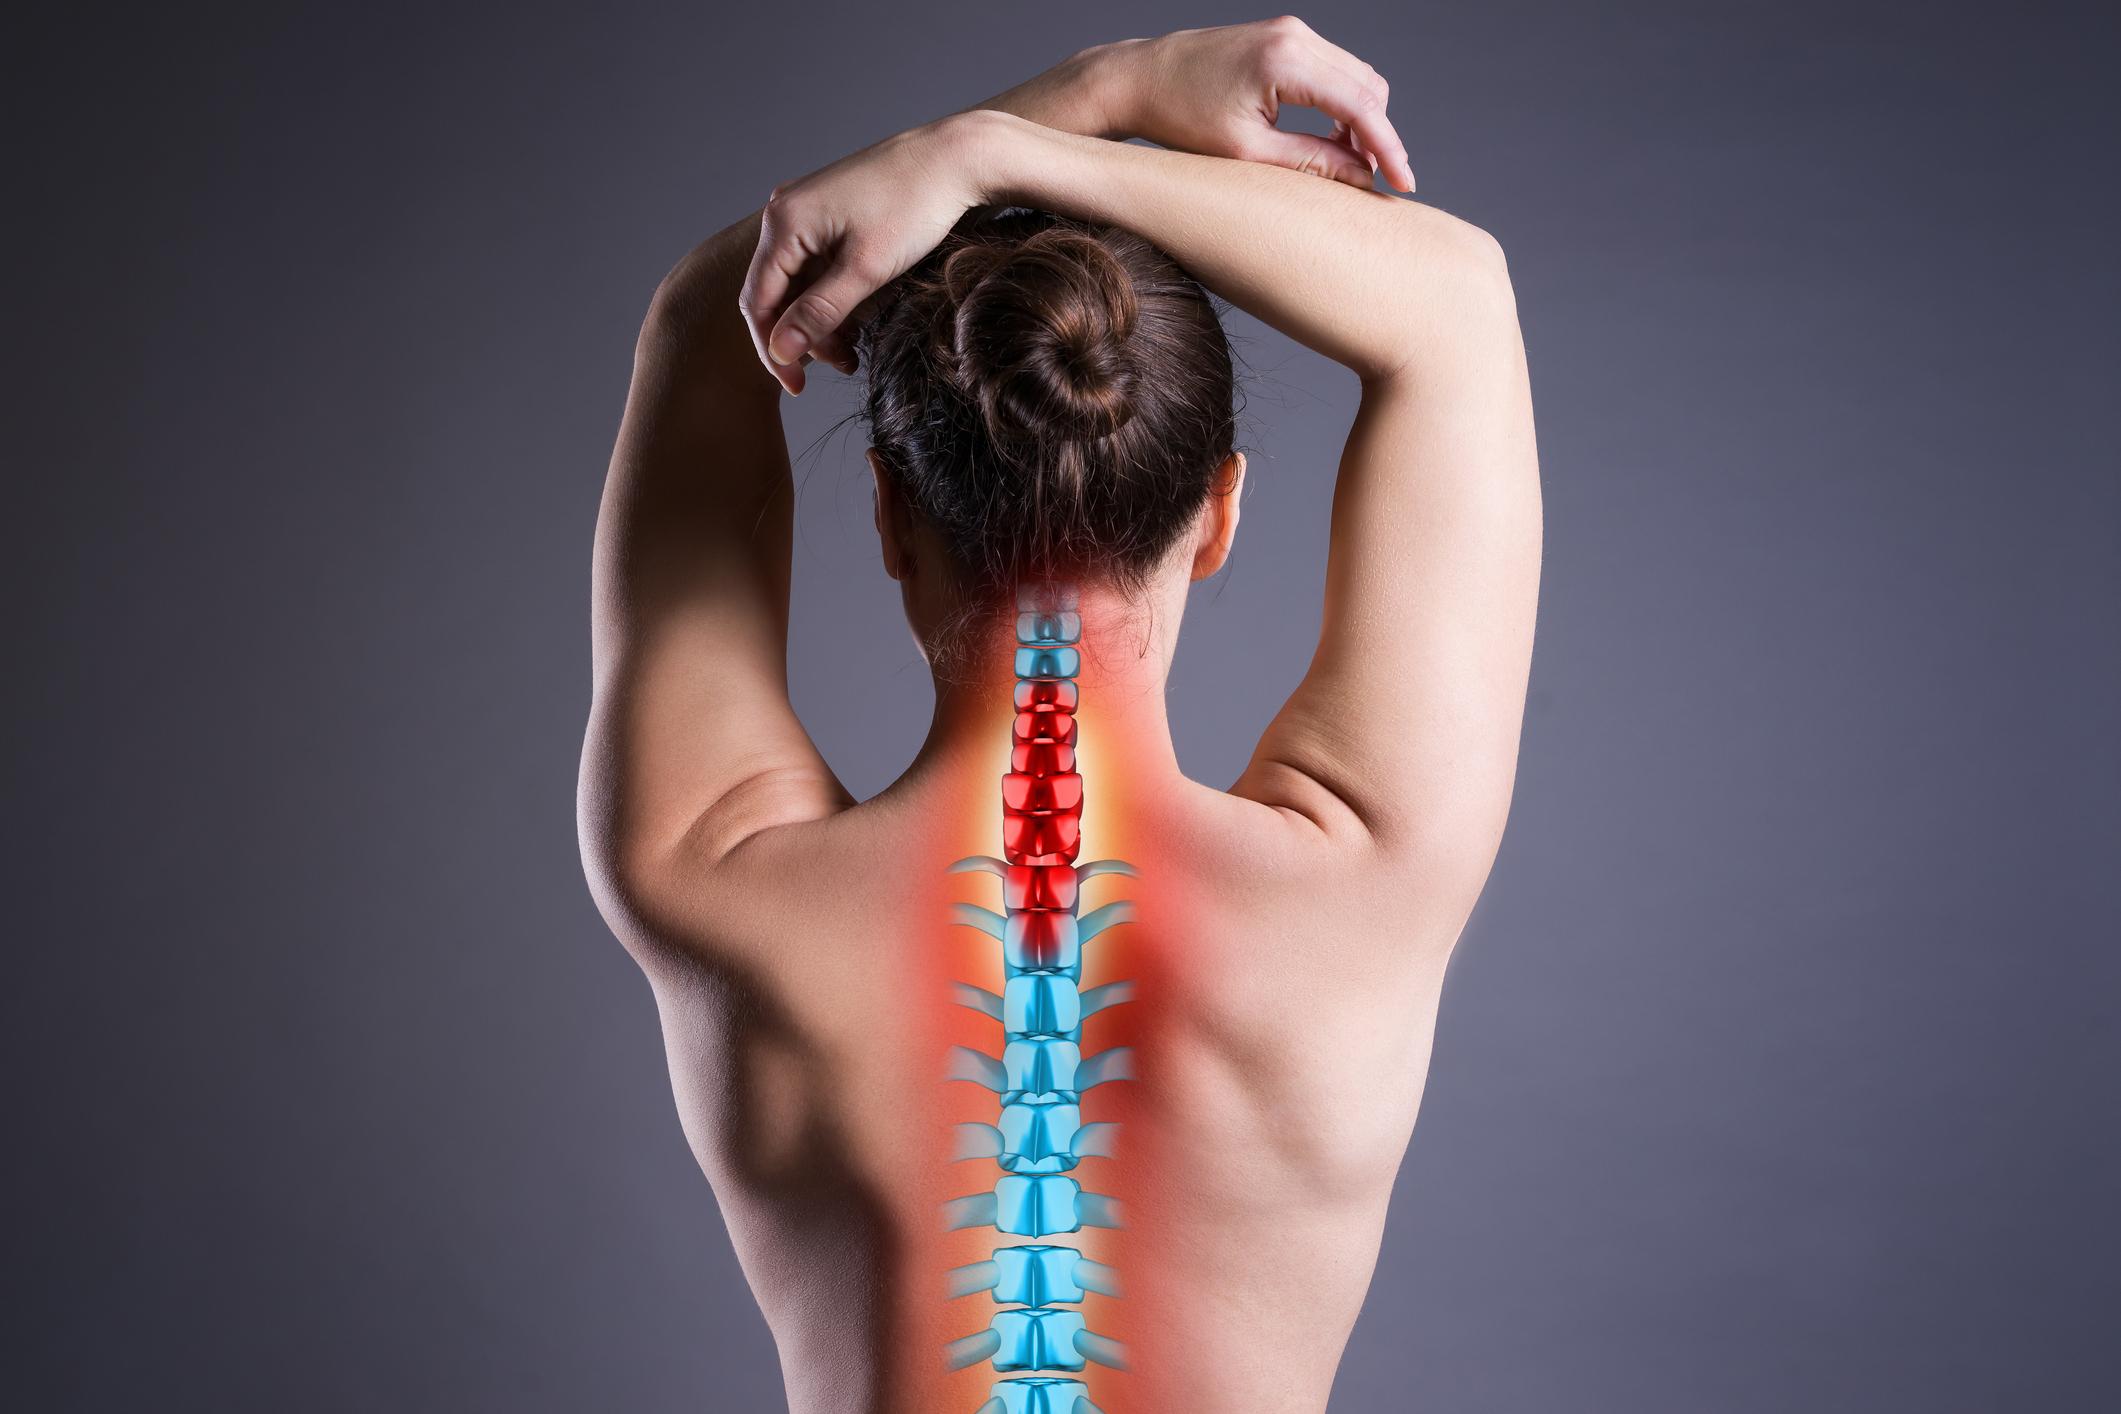 Apport de l'acupuncture dans le traitement des Lomboscialtalgies - Dr Nguyen à Paris